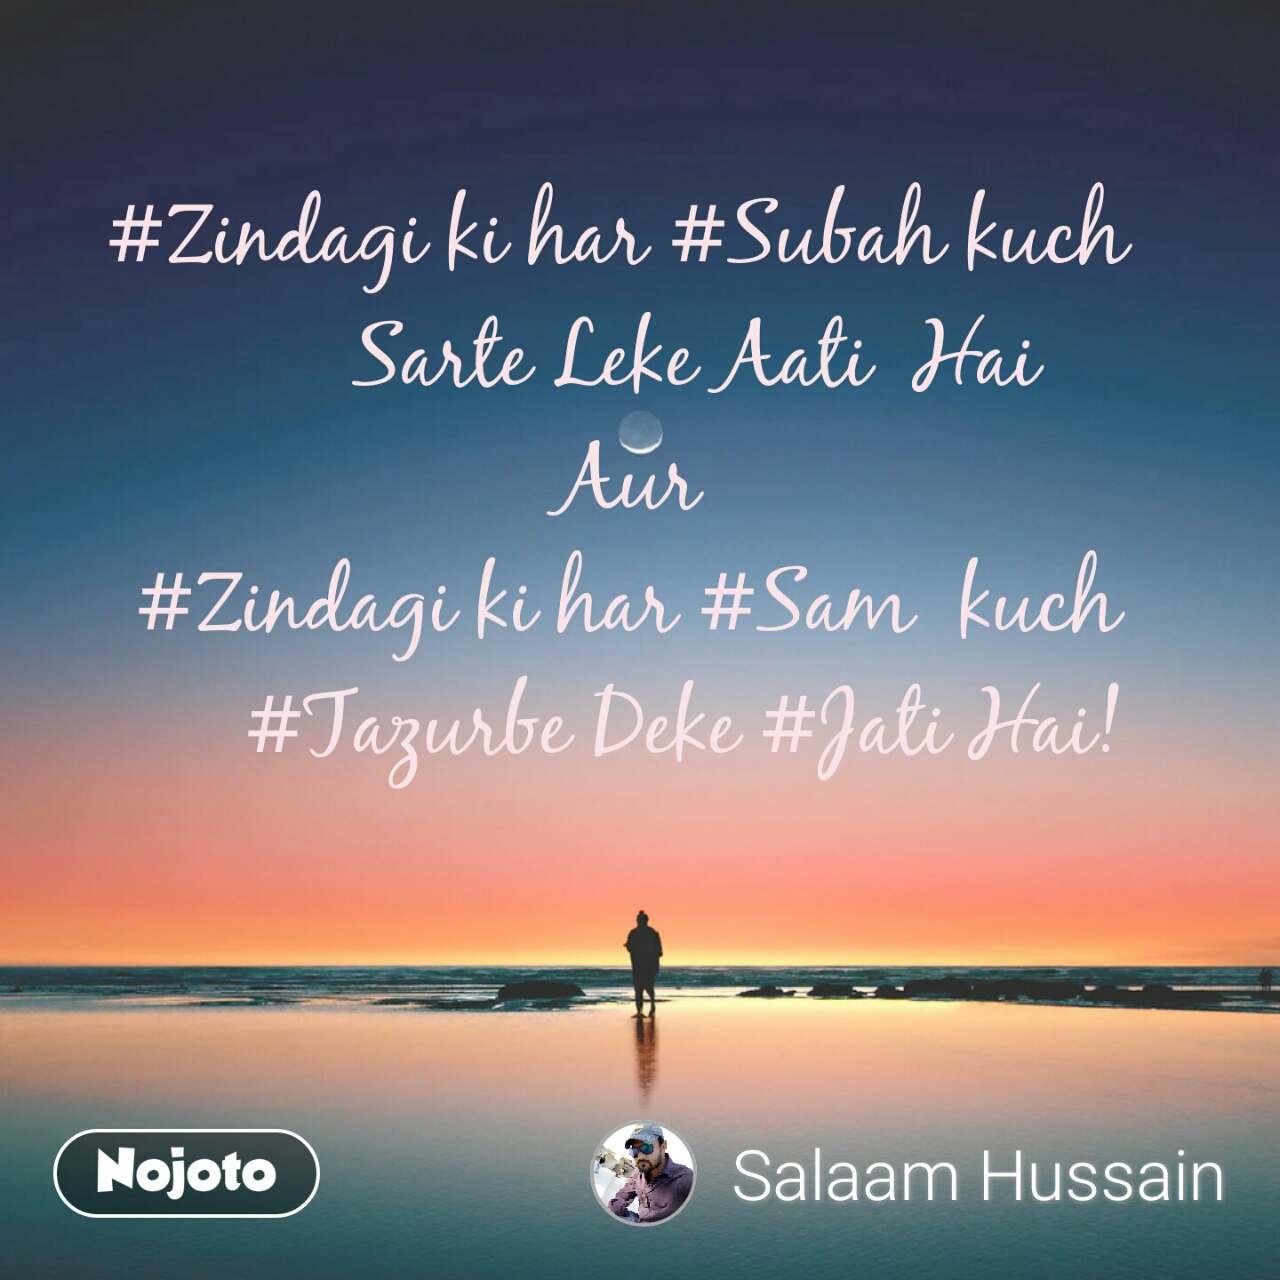 #Zindagi ki har #Subah kuch         Sarte Leke Aati  Hai  Aur #Zindagi ki har #Sam  kuch      #Tazurbe Deke #Jati Hai!